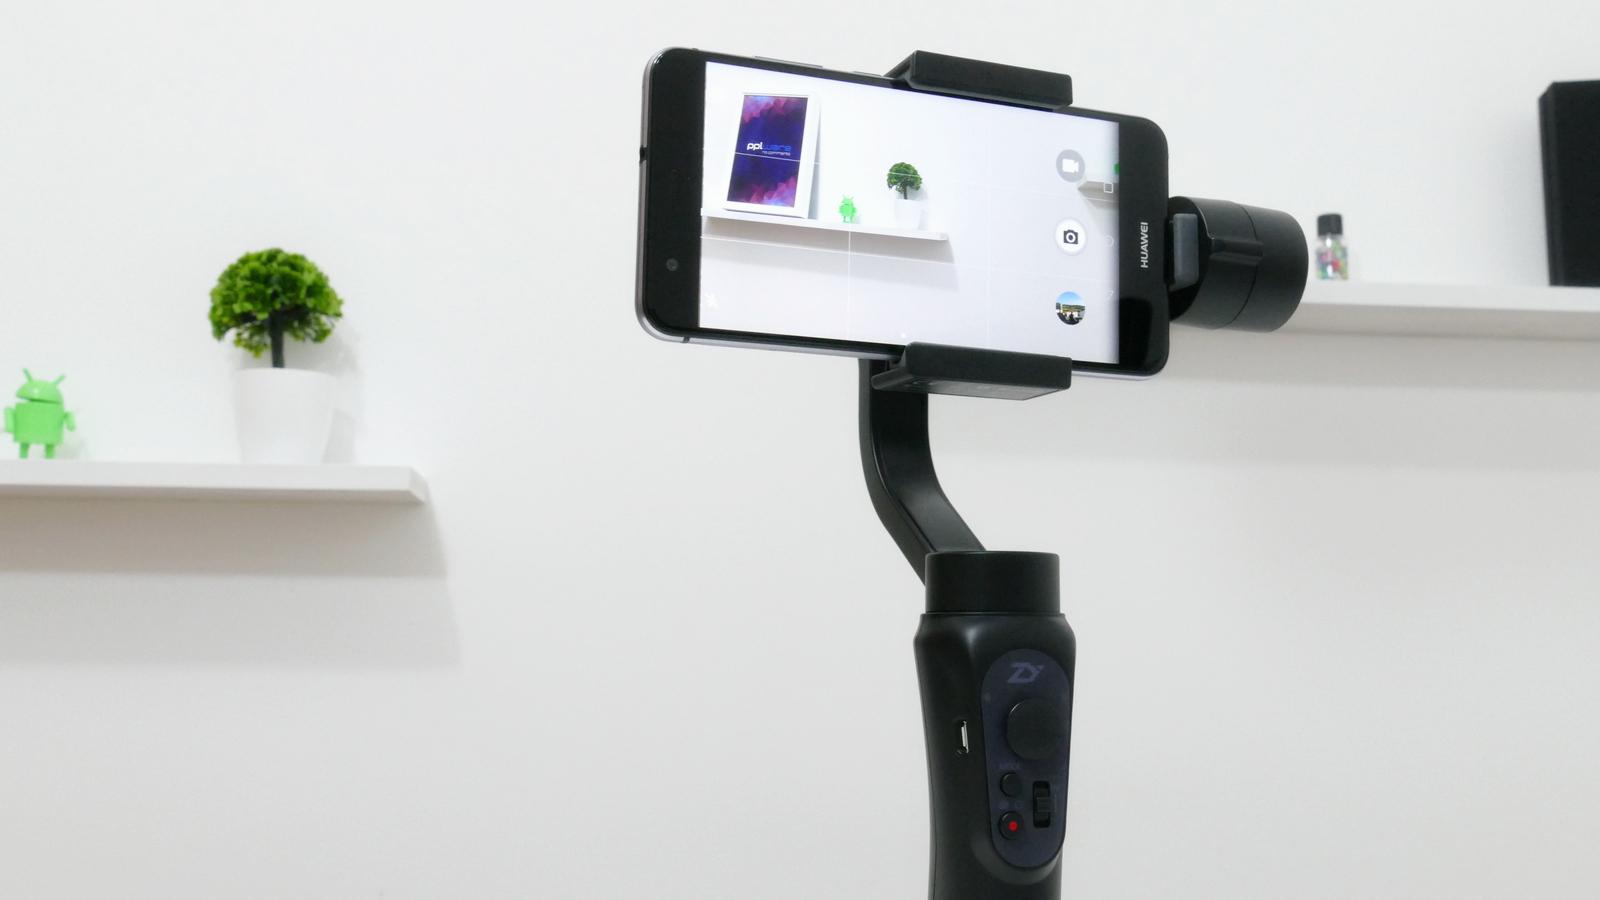 Anlise Zhiyun Smooth Q O Concorrente Do Dji Osmo Mobile Pplware Tech Smartphone Gimbal Dvida A Pioneira No Mercado Domstico Mas H Opes Quase To Eficazes Quanto Ele E Um Tero Preo Veja Ao